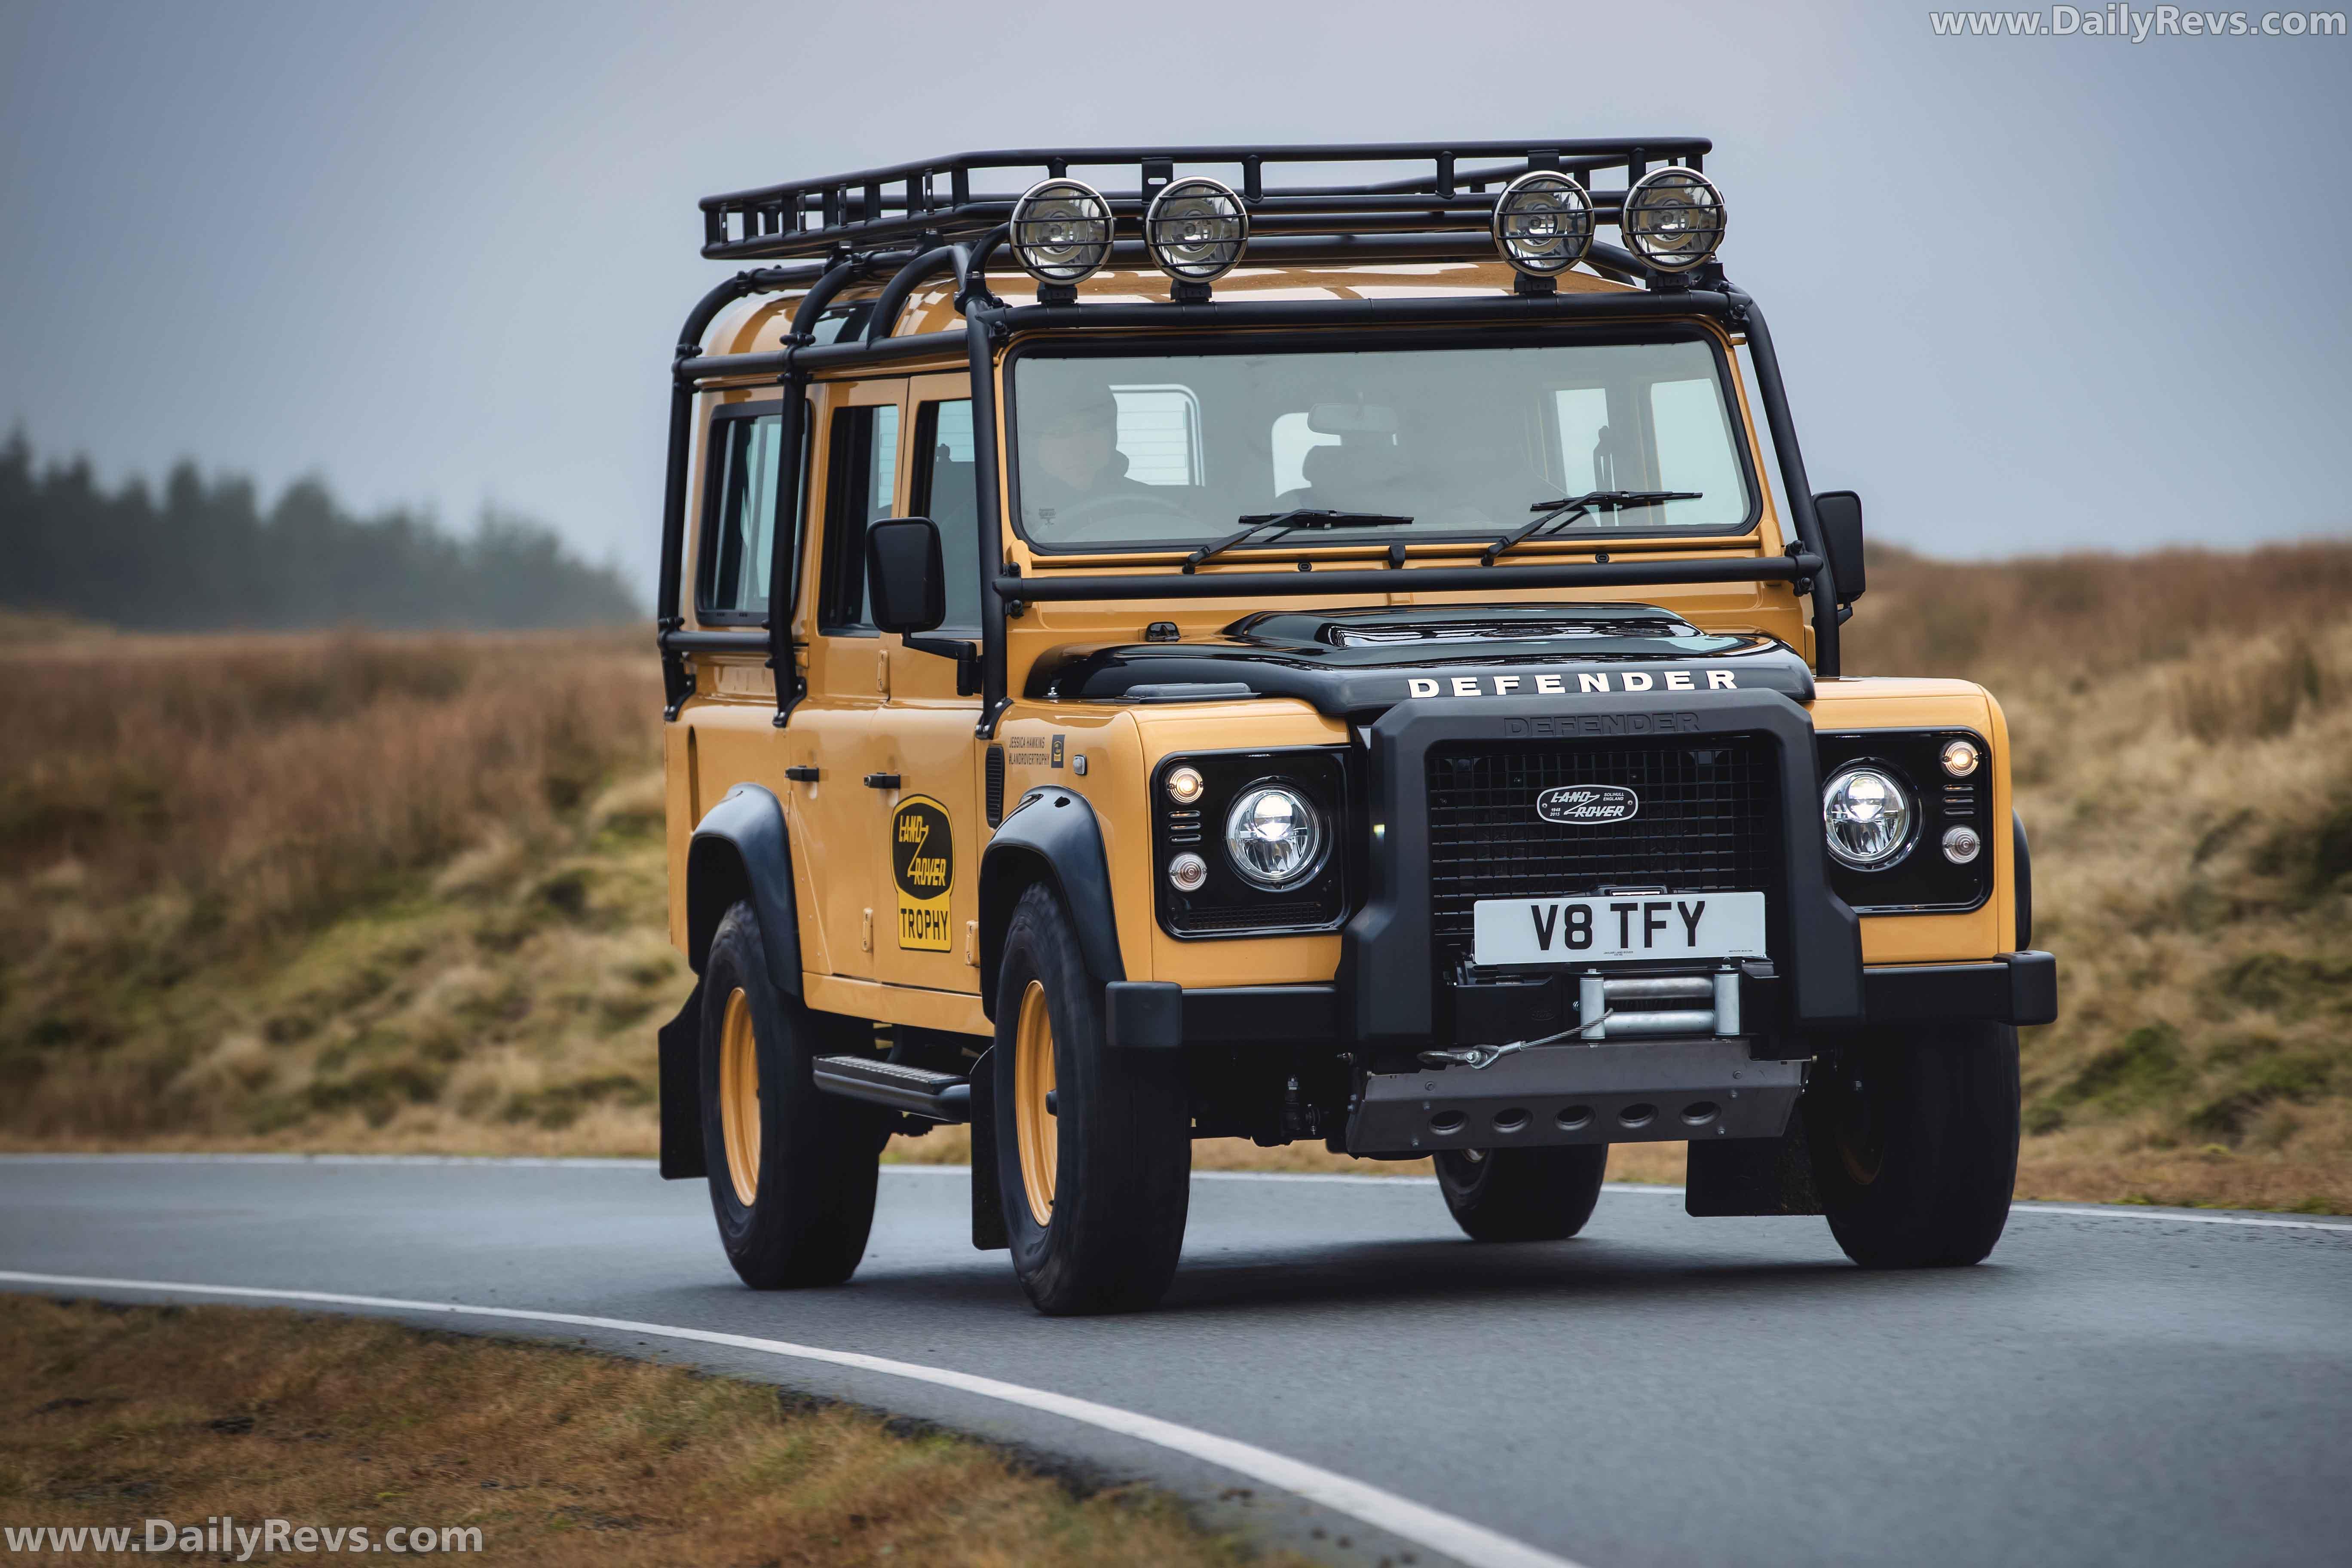 2021 Land Rover Defender Works V8 Trophy - Dailyrevs